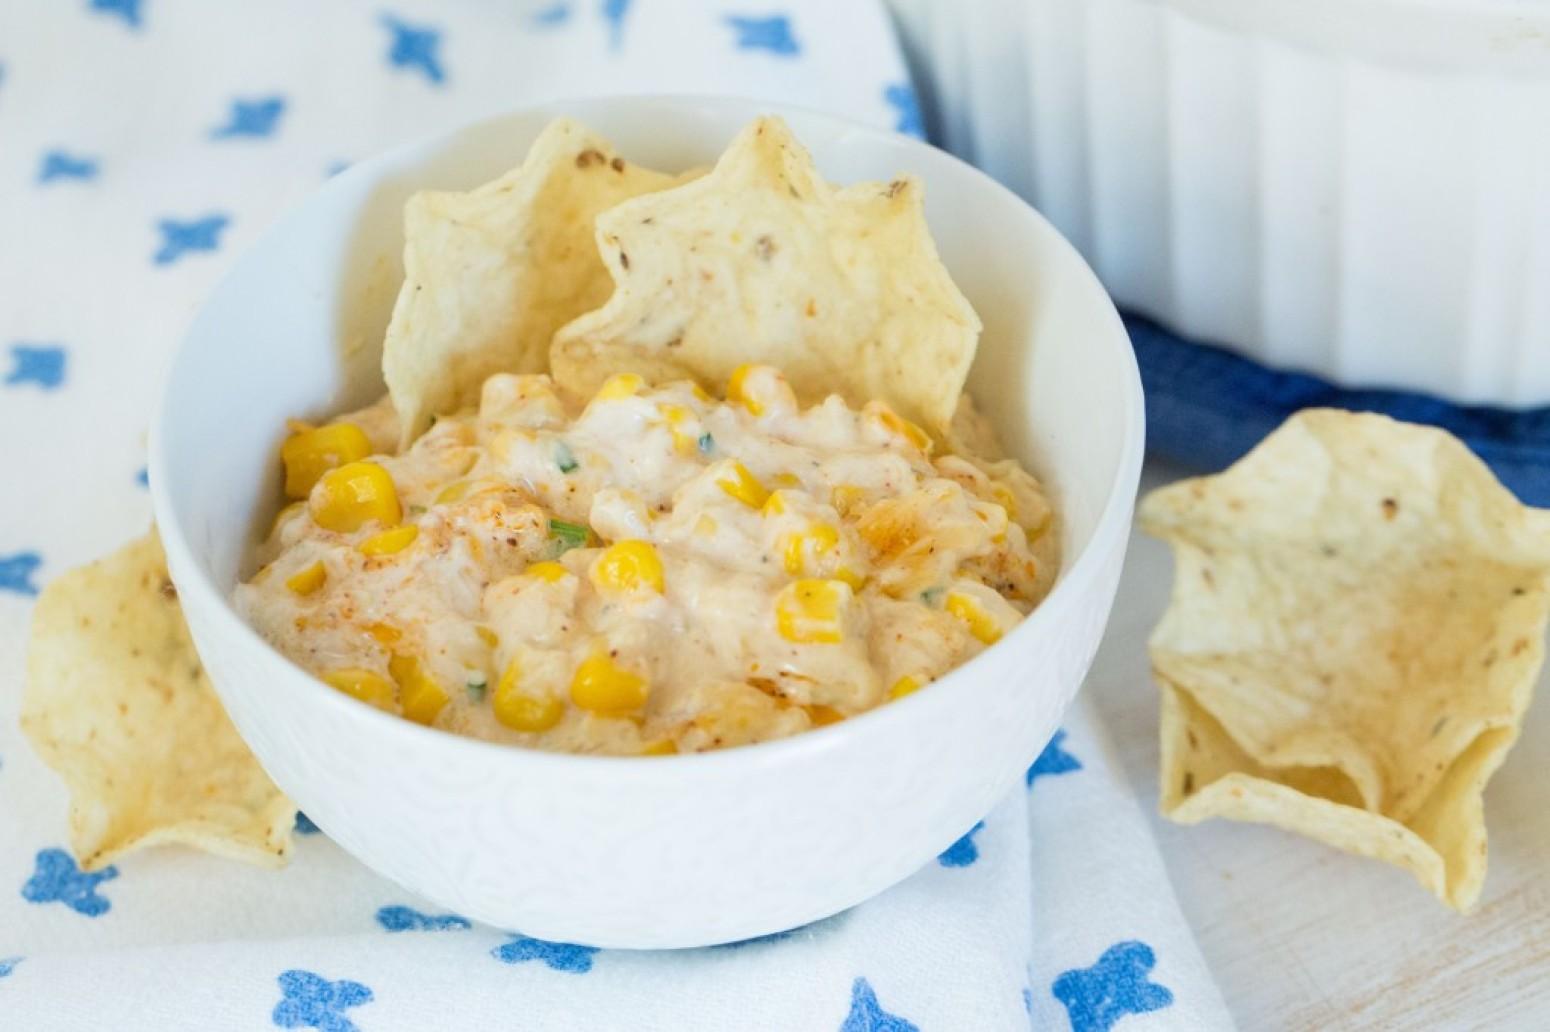 Hot Jalapeño Corn Dip Recipe 2 | Just A Pinch Recipes